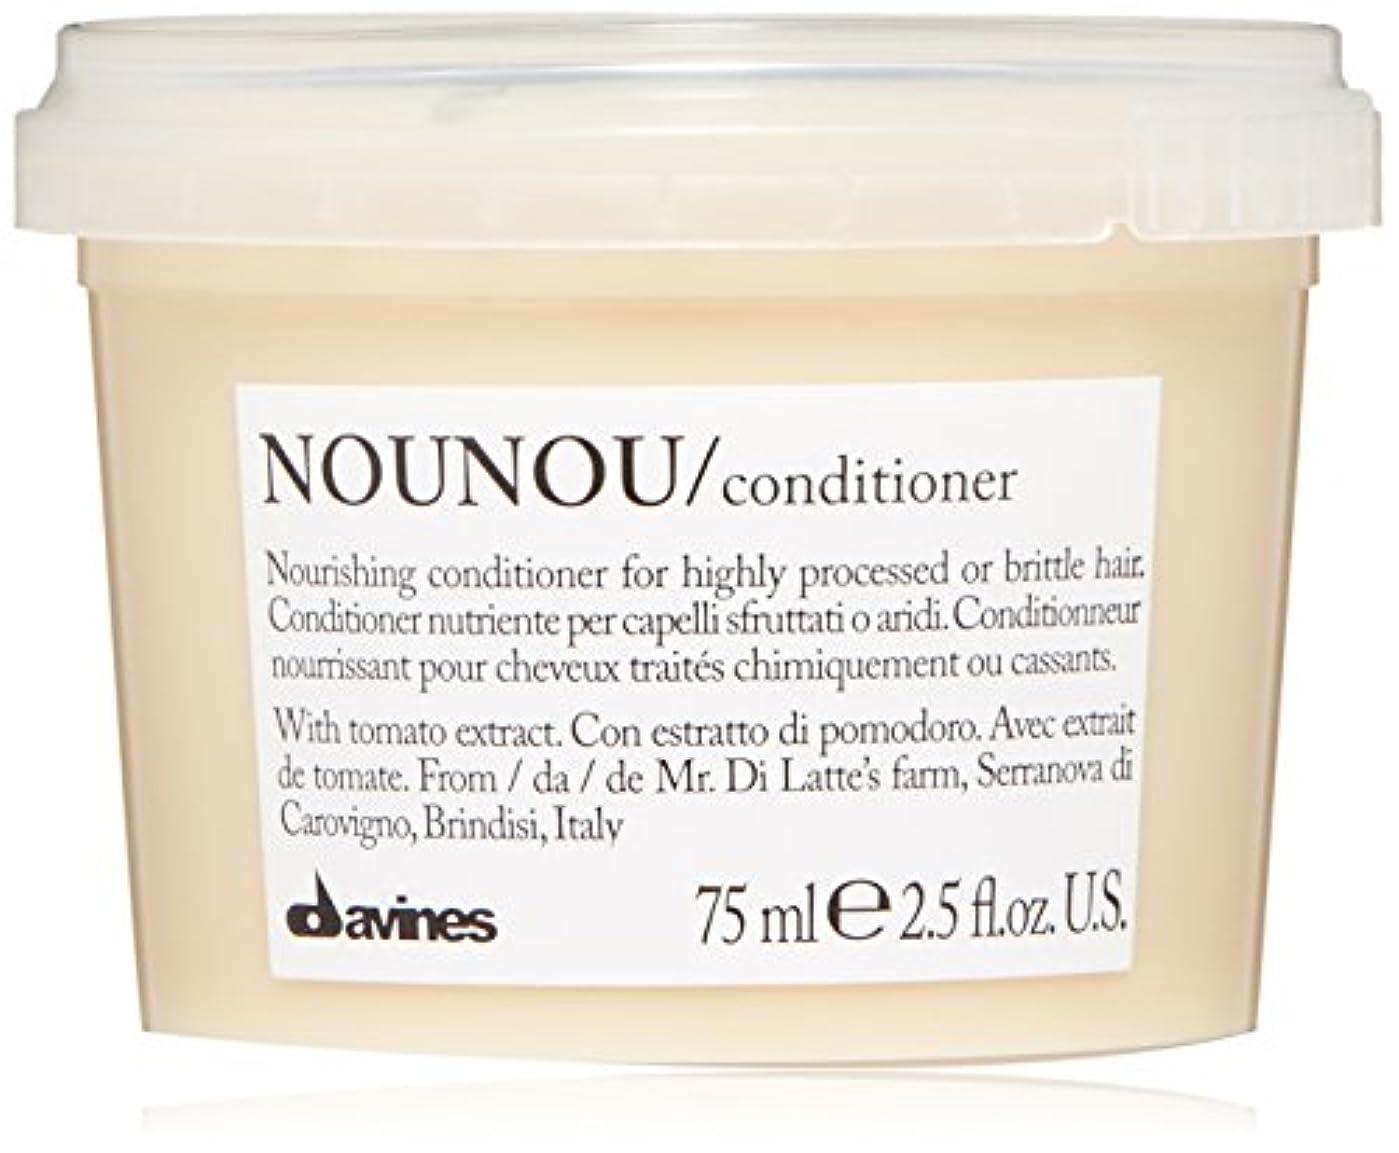 ポスト印象派陸軍キラウエア山NouNou Nourishing Illuminating Cream Conditioner